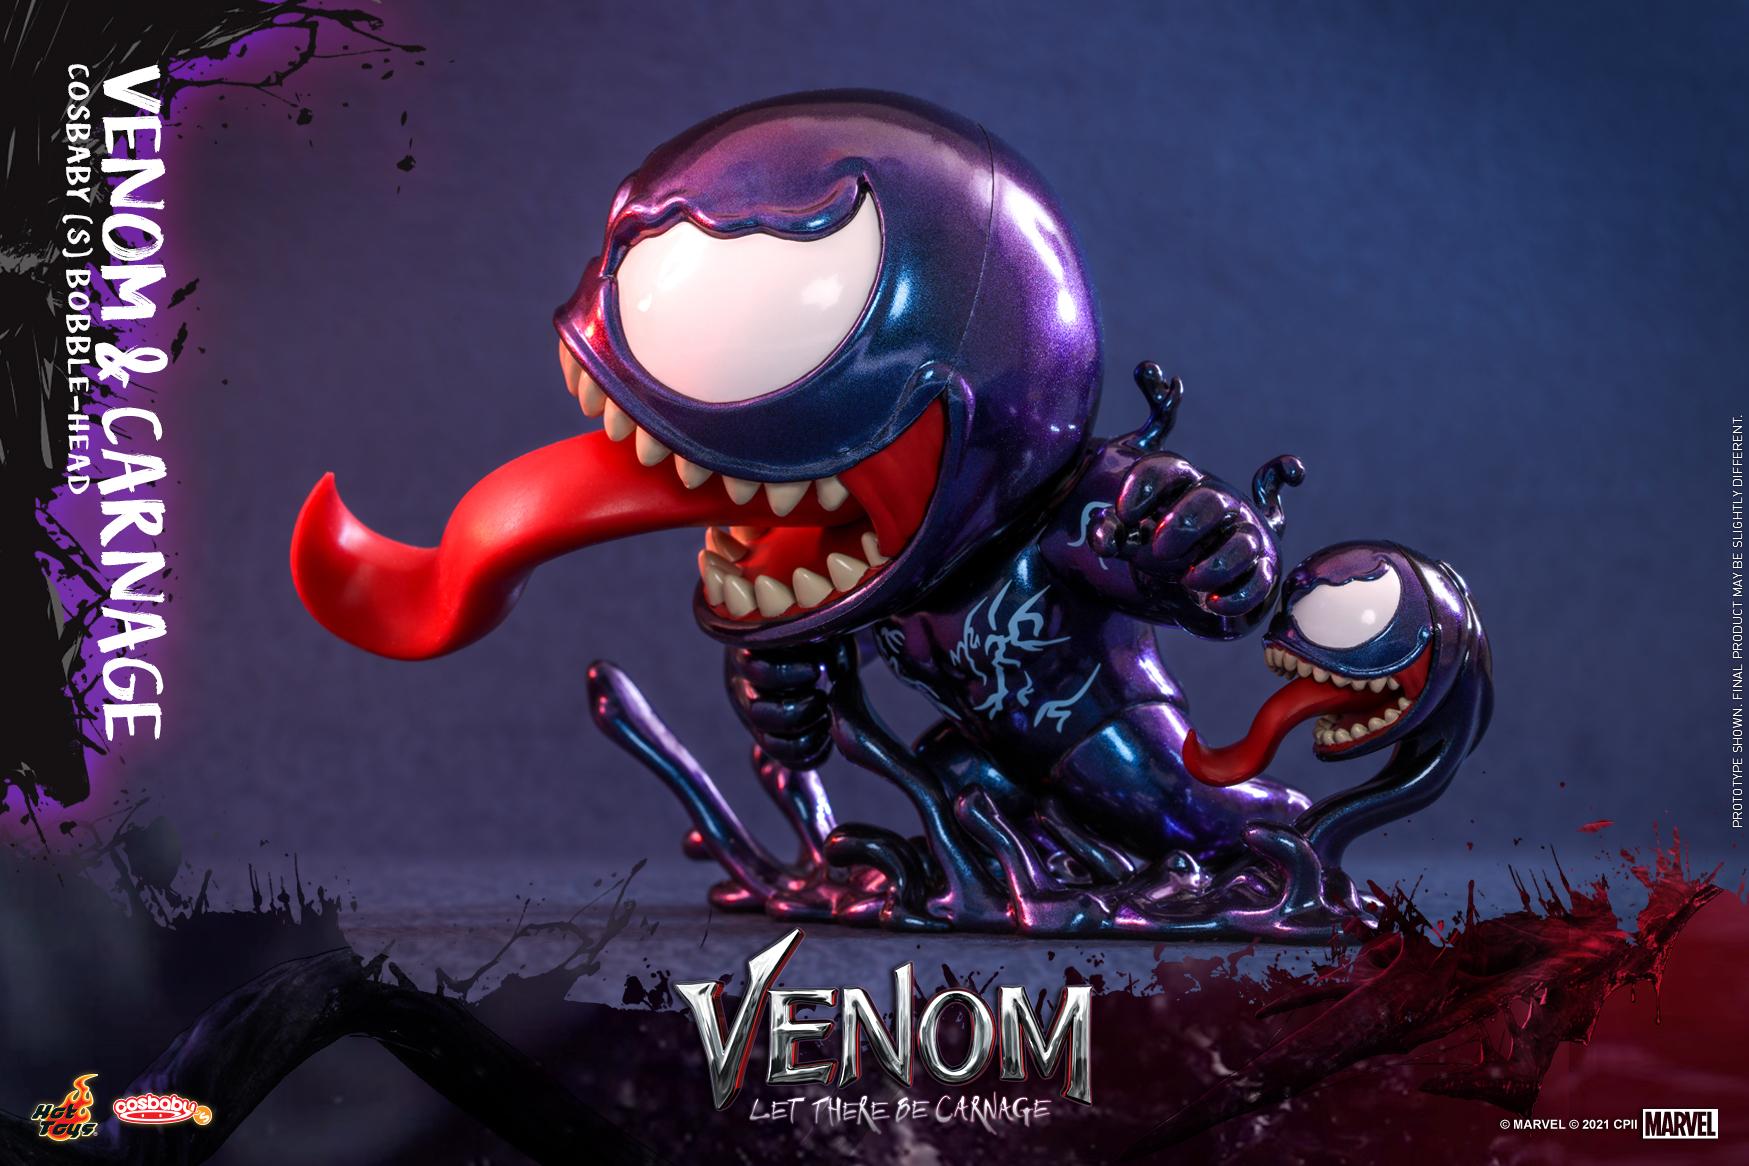 Hot Toys - Venom 2 - Venom & Carnage Cosbaby Set_PR4